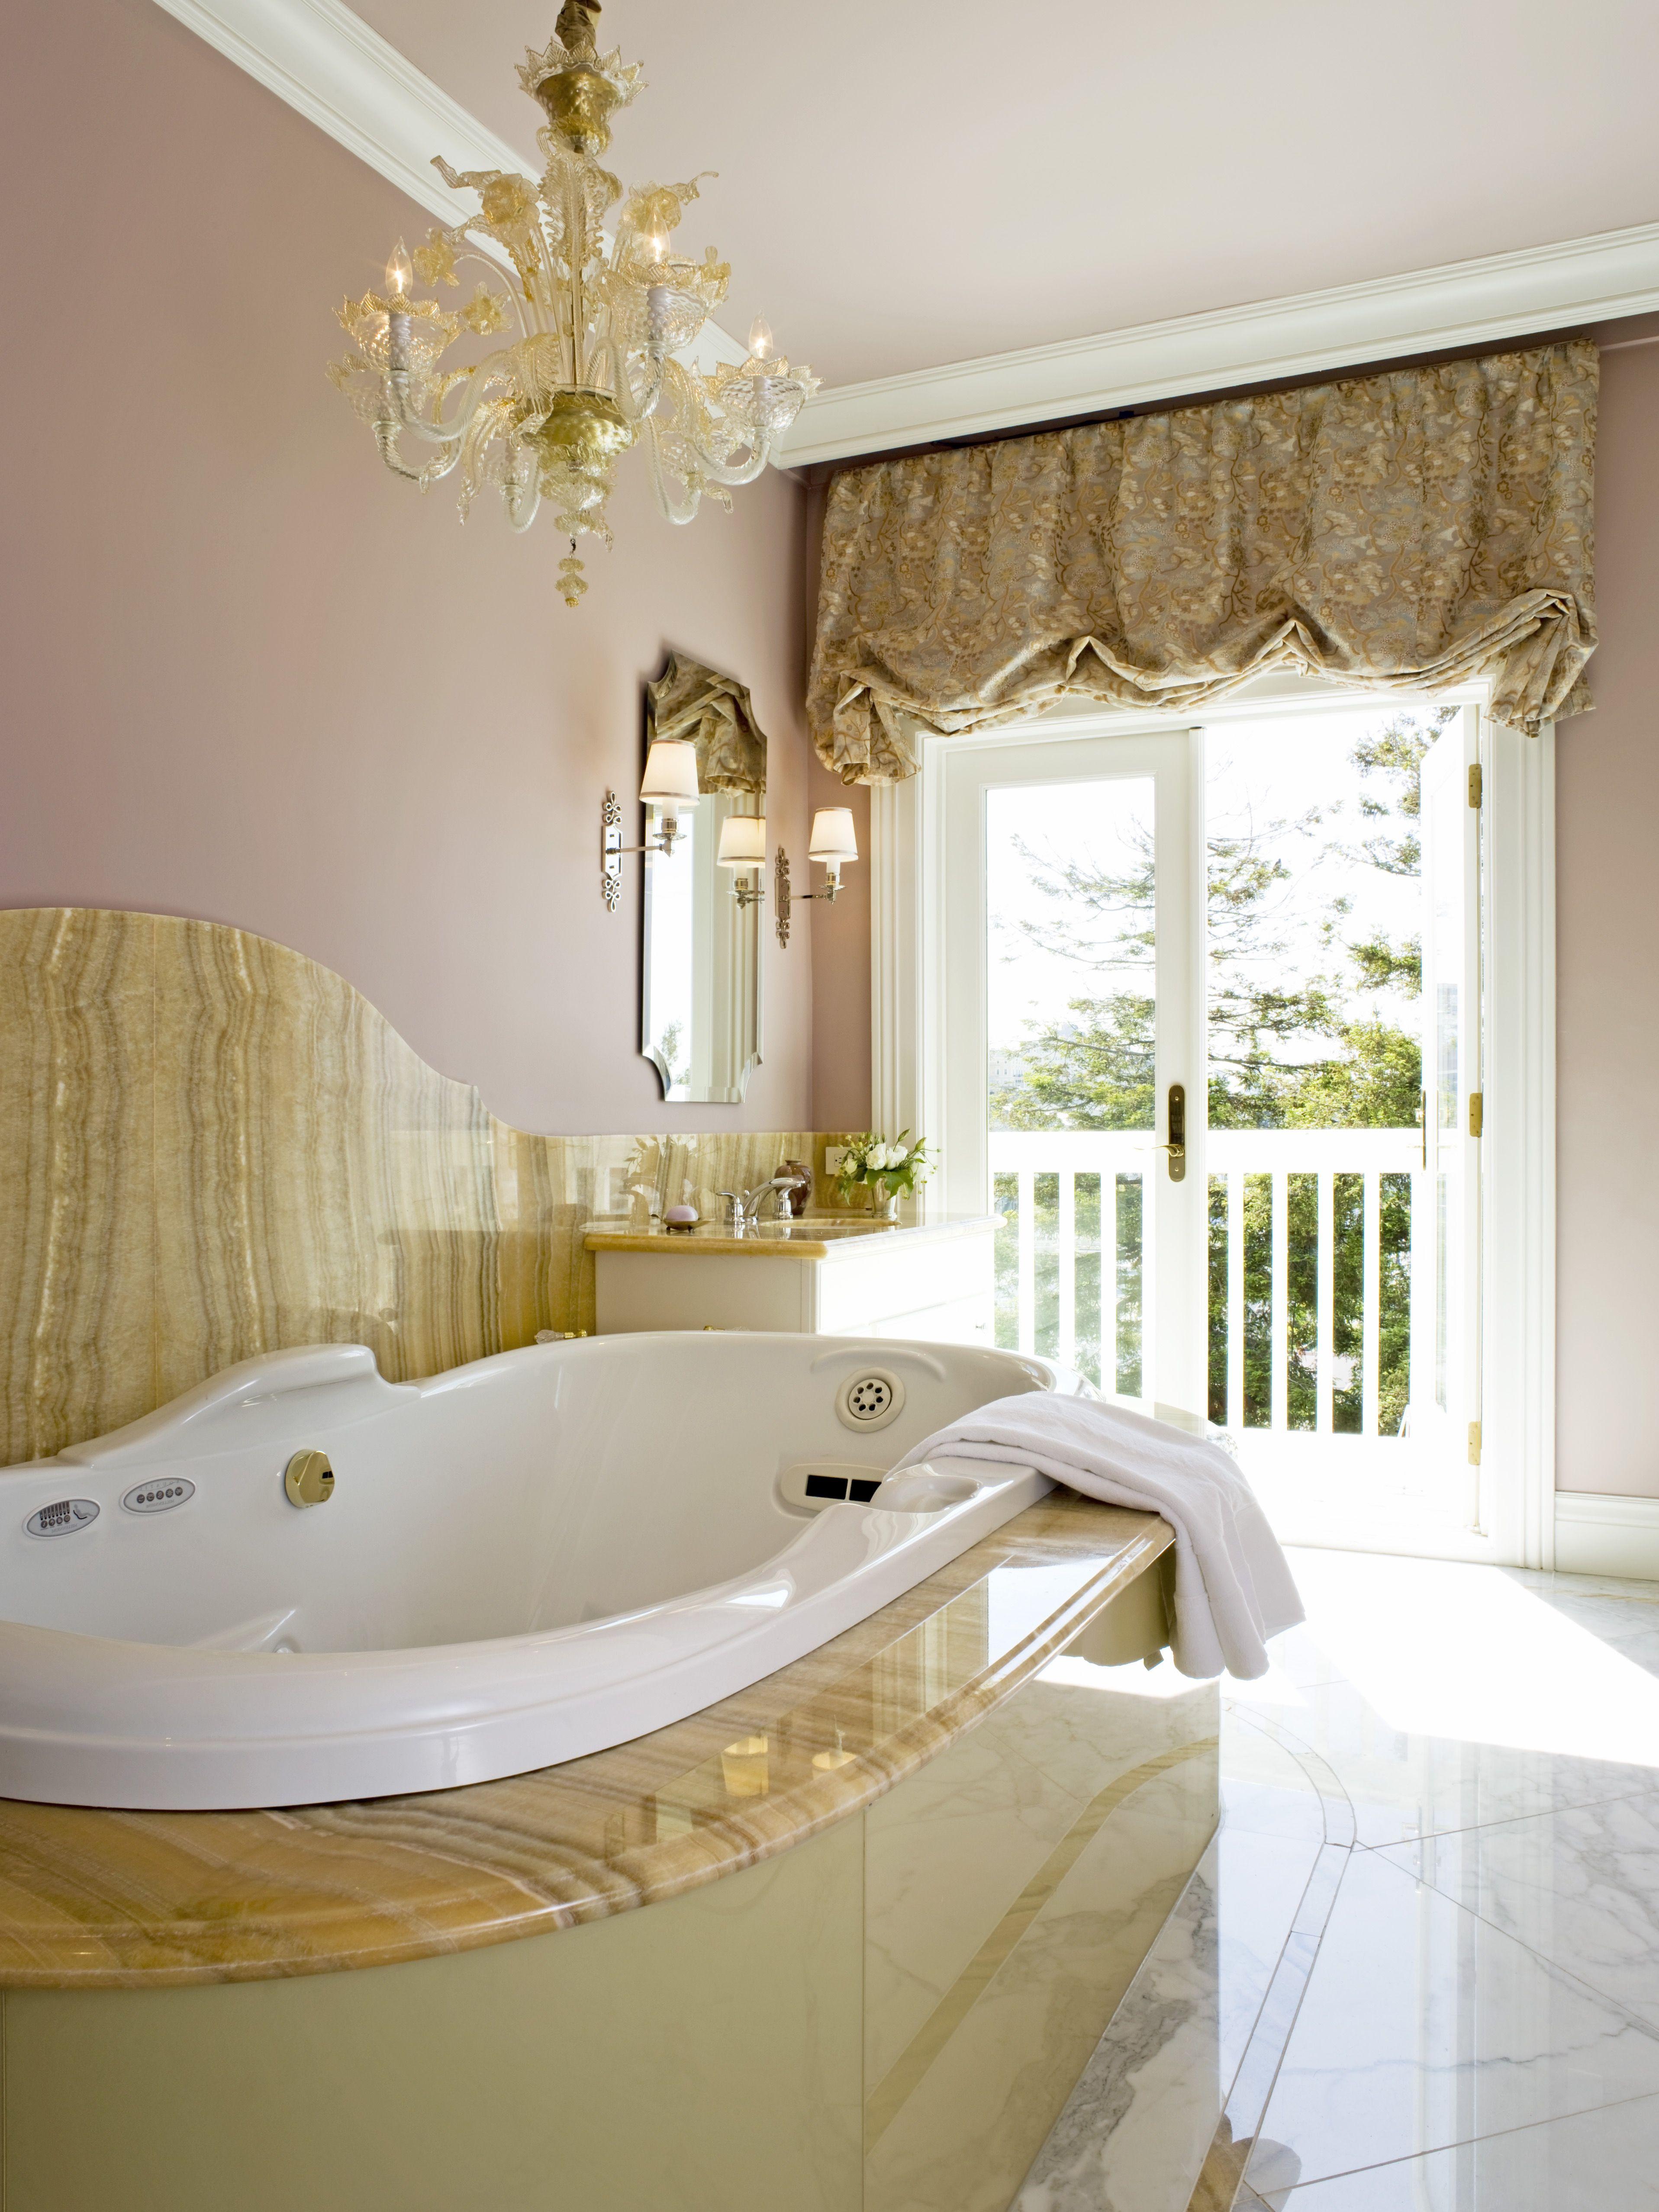 Klassische Badezimmer Interieur Design im Eleganten Look ...